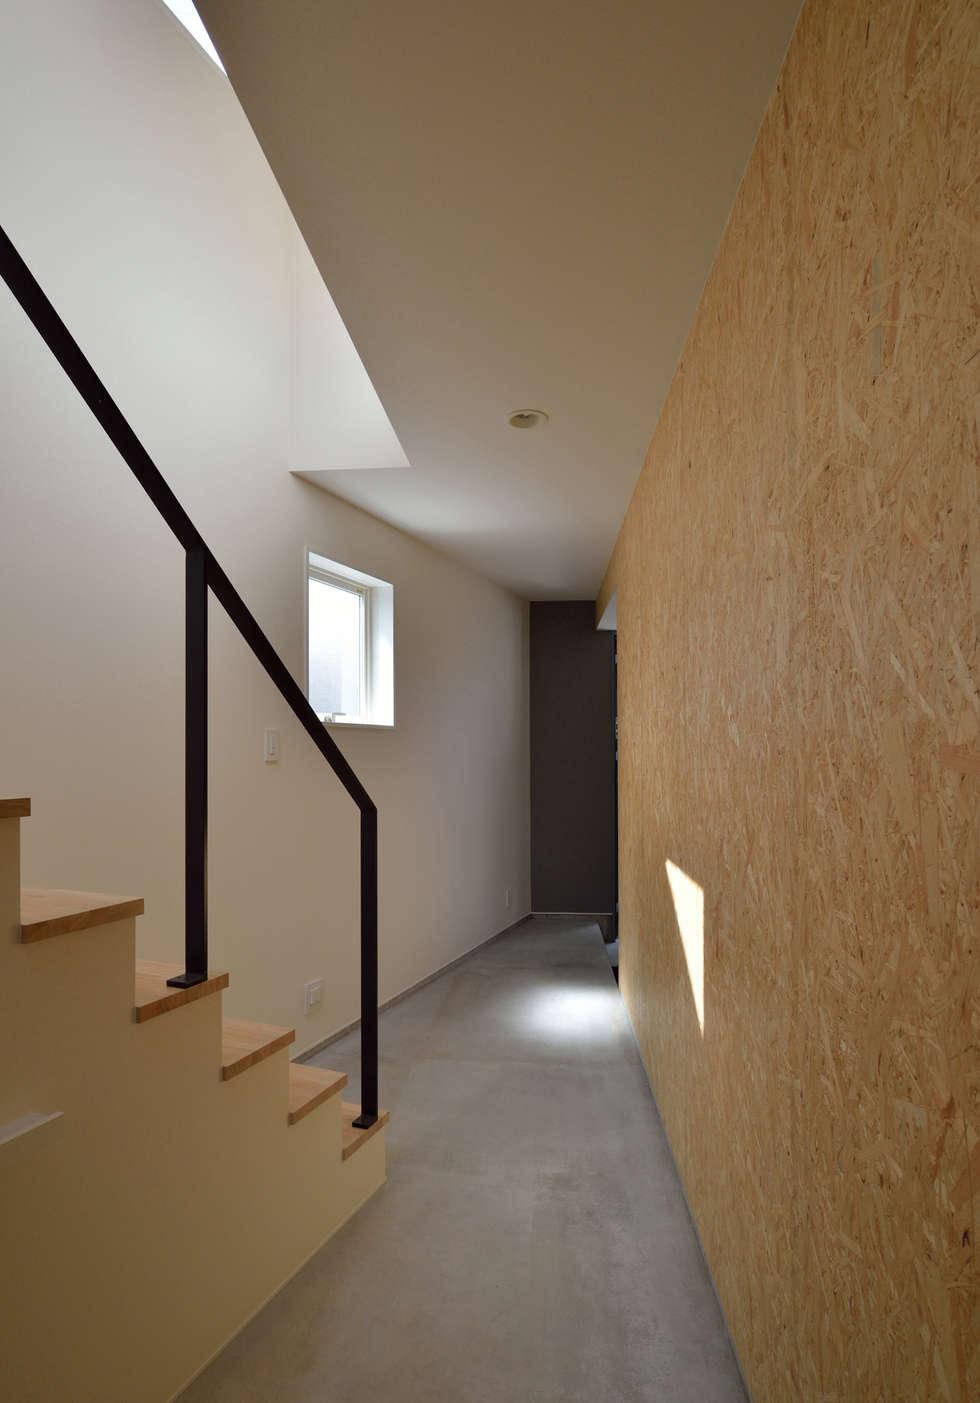 玄関土間: 株式会社ブレッツァ・アーキテクツが手掛けた廊下 & 玄関です。